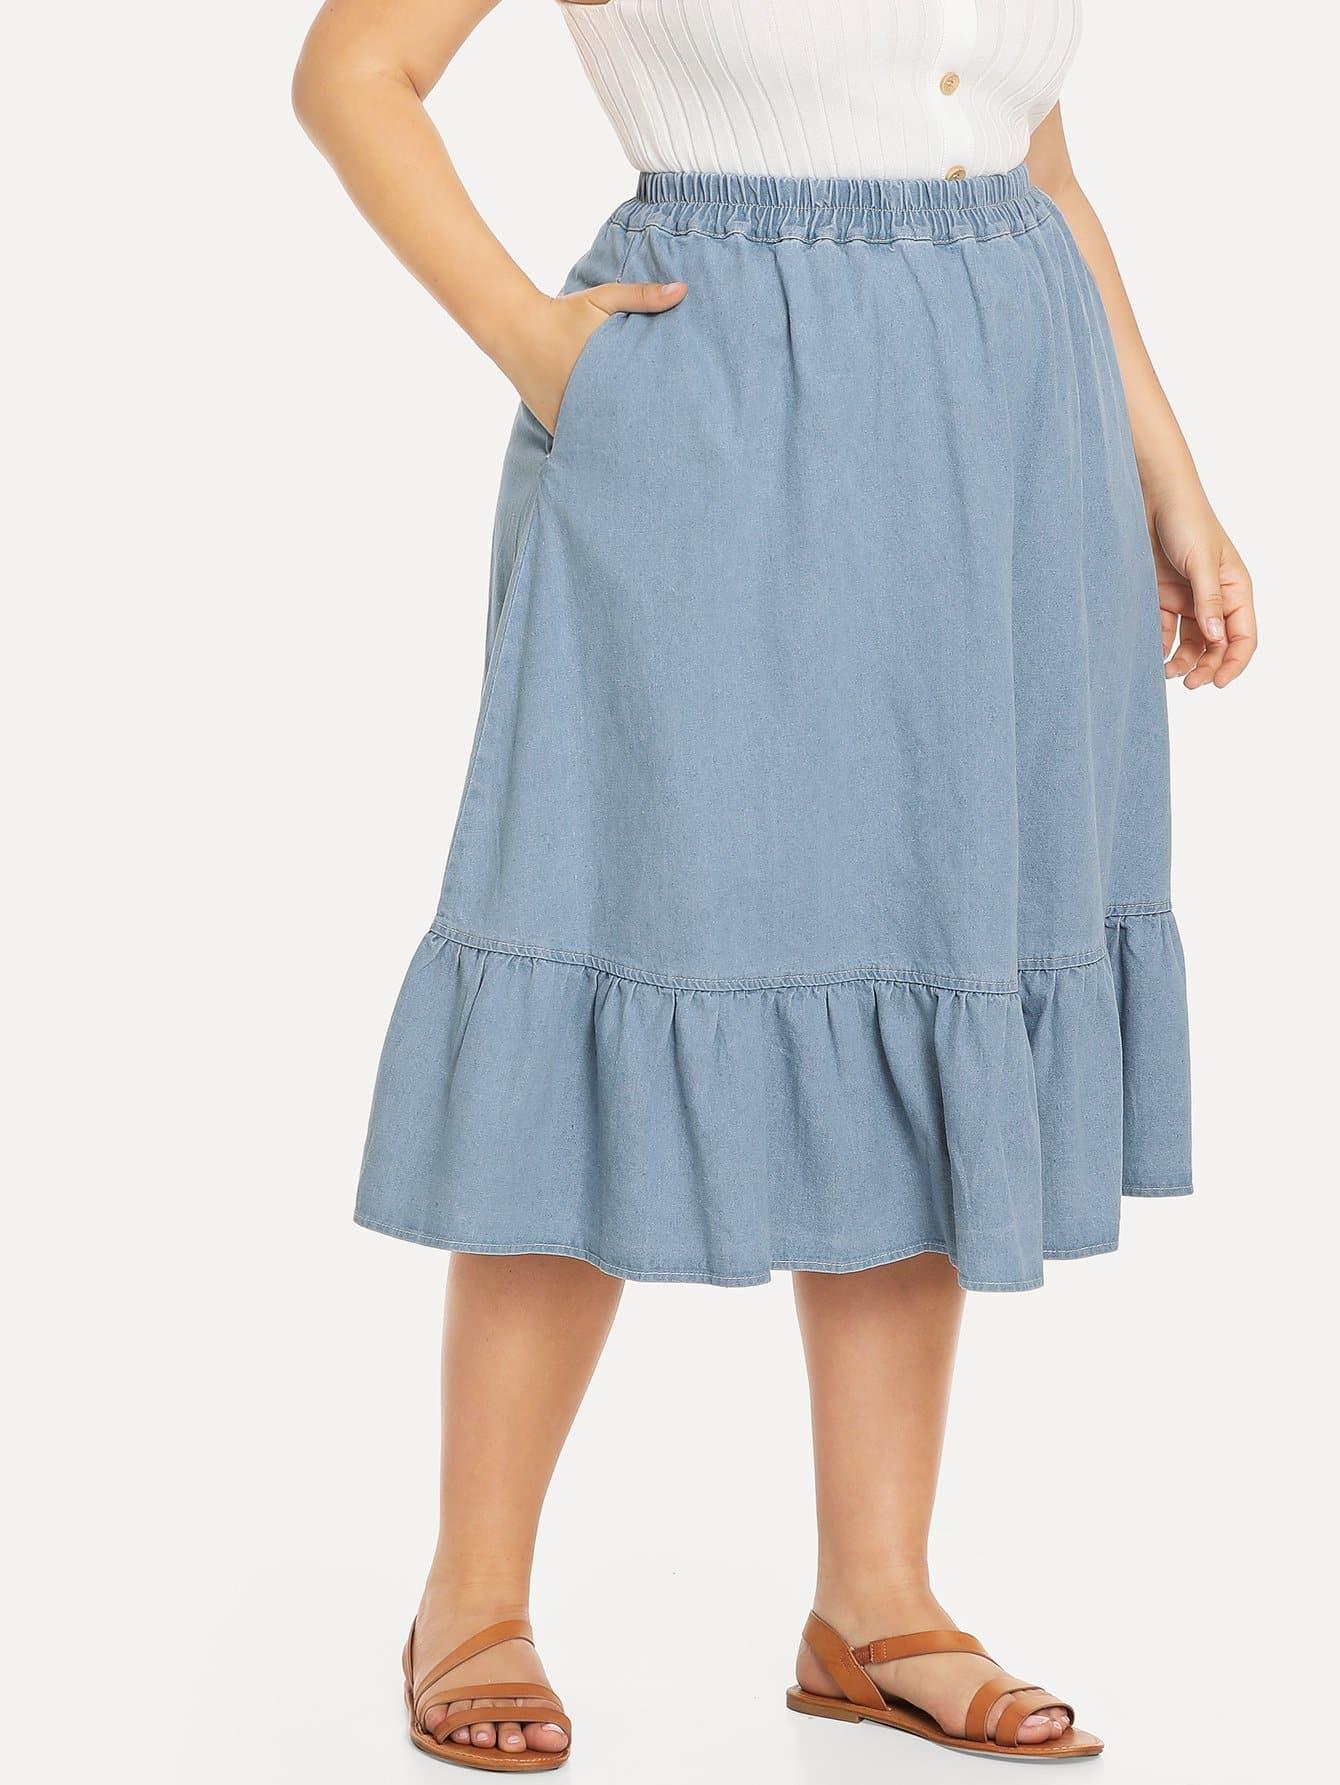 Купить Эластичная юбка и подол с розеткой, Franziska, SheIn